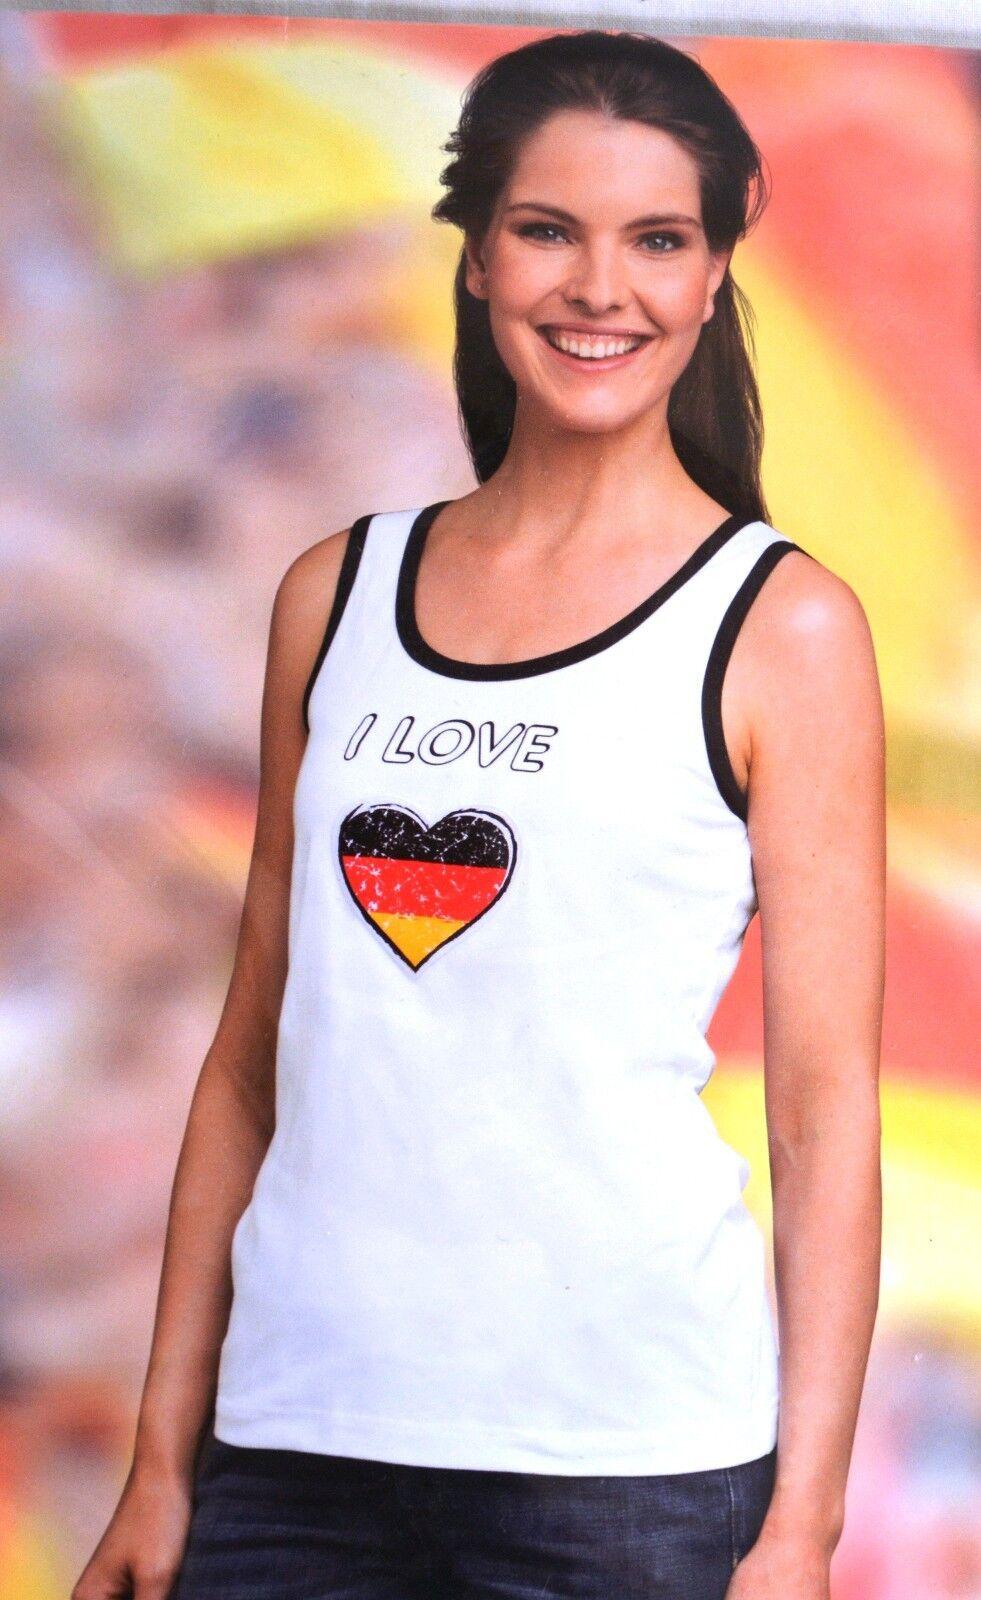 Deutschland Damen Fußball Handball Volleyball T-shirt DFB Body Fit S L M XL 2XL